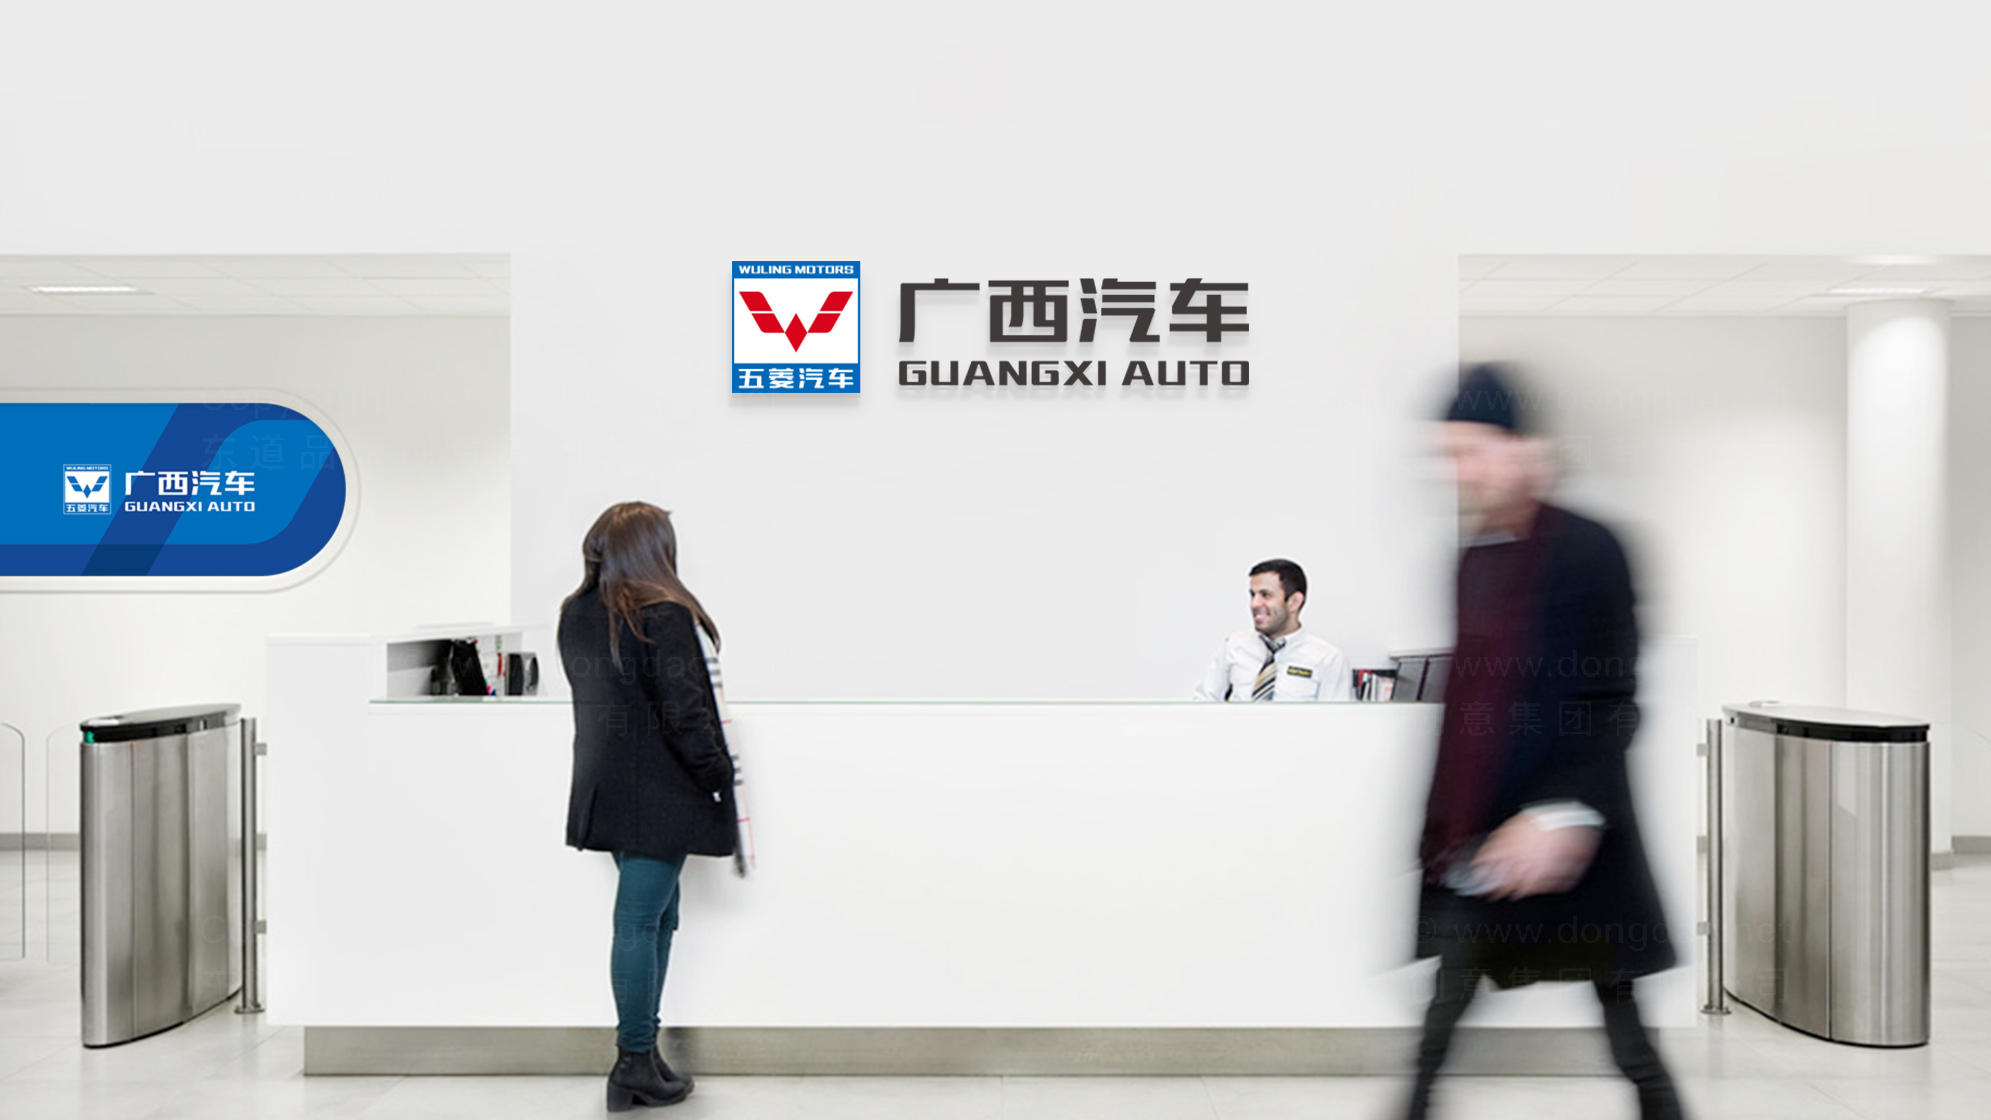 品牌设计广西汽车标志设计应用场景_6